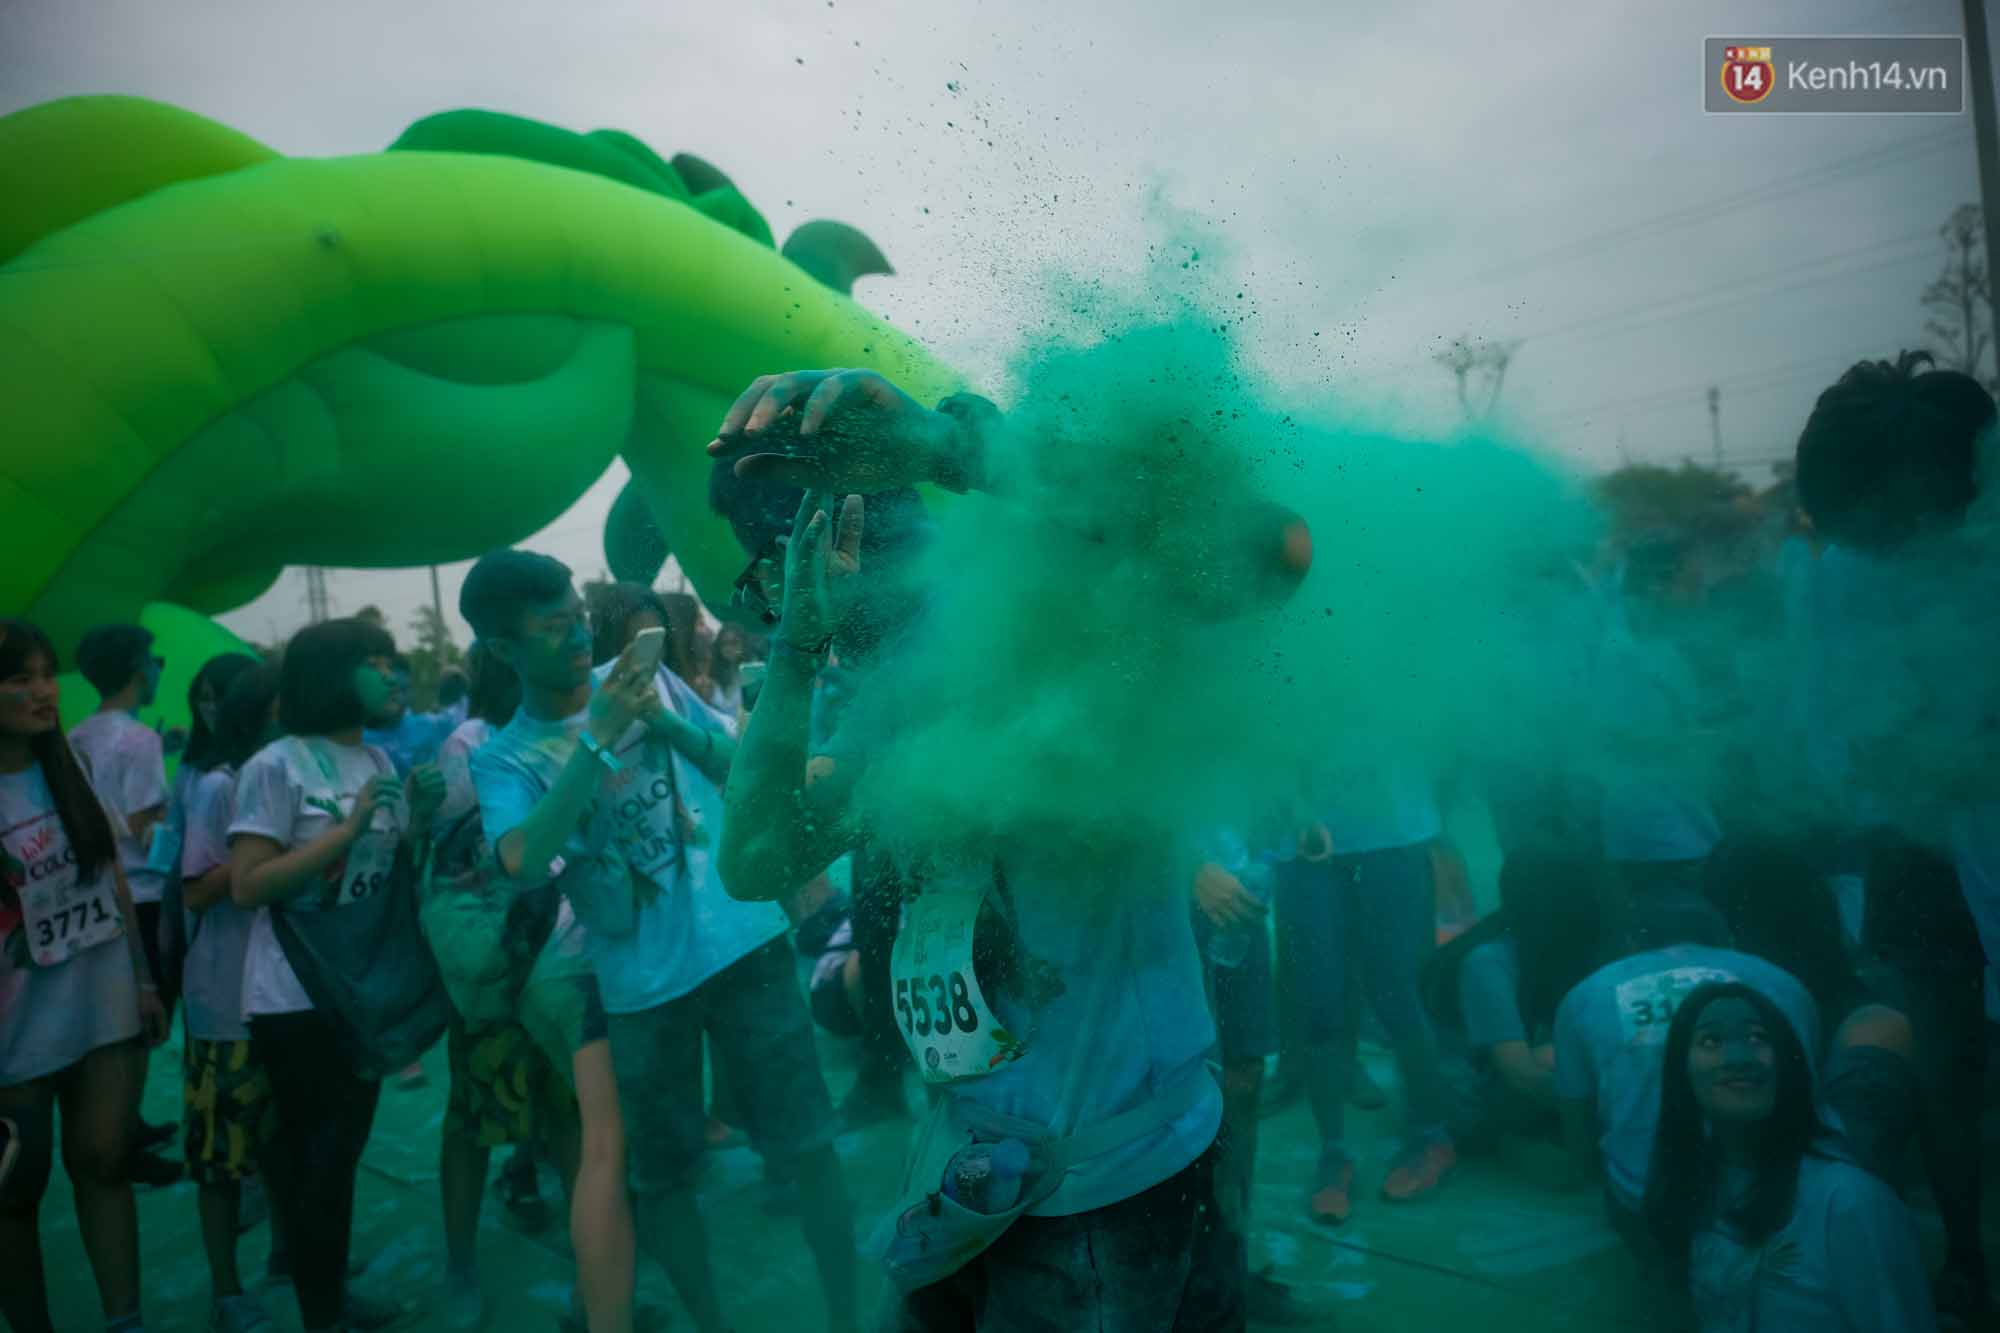 Những khoảnh khắc chứng minh đi Color Me Run lúc nào cũng vui và được quẩy hết mình! - Ảnh 16.